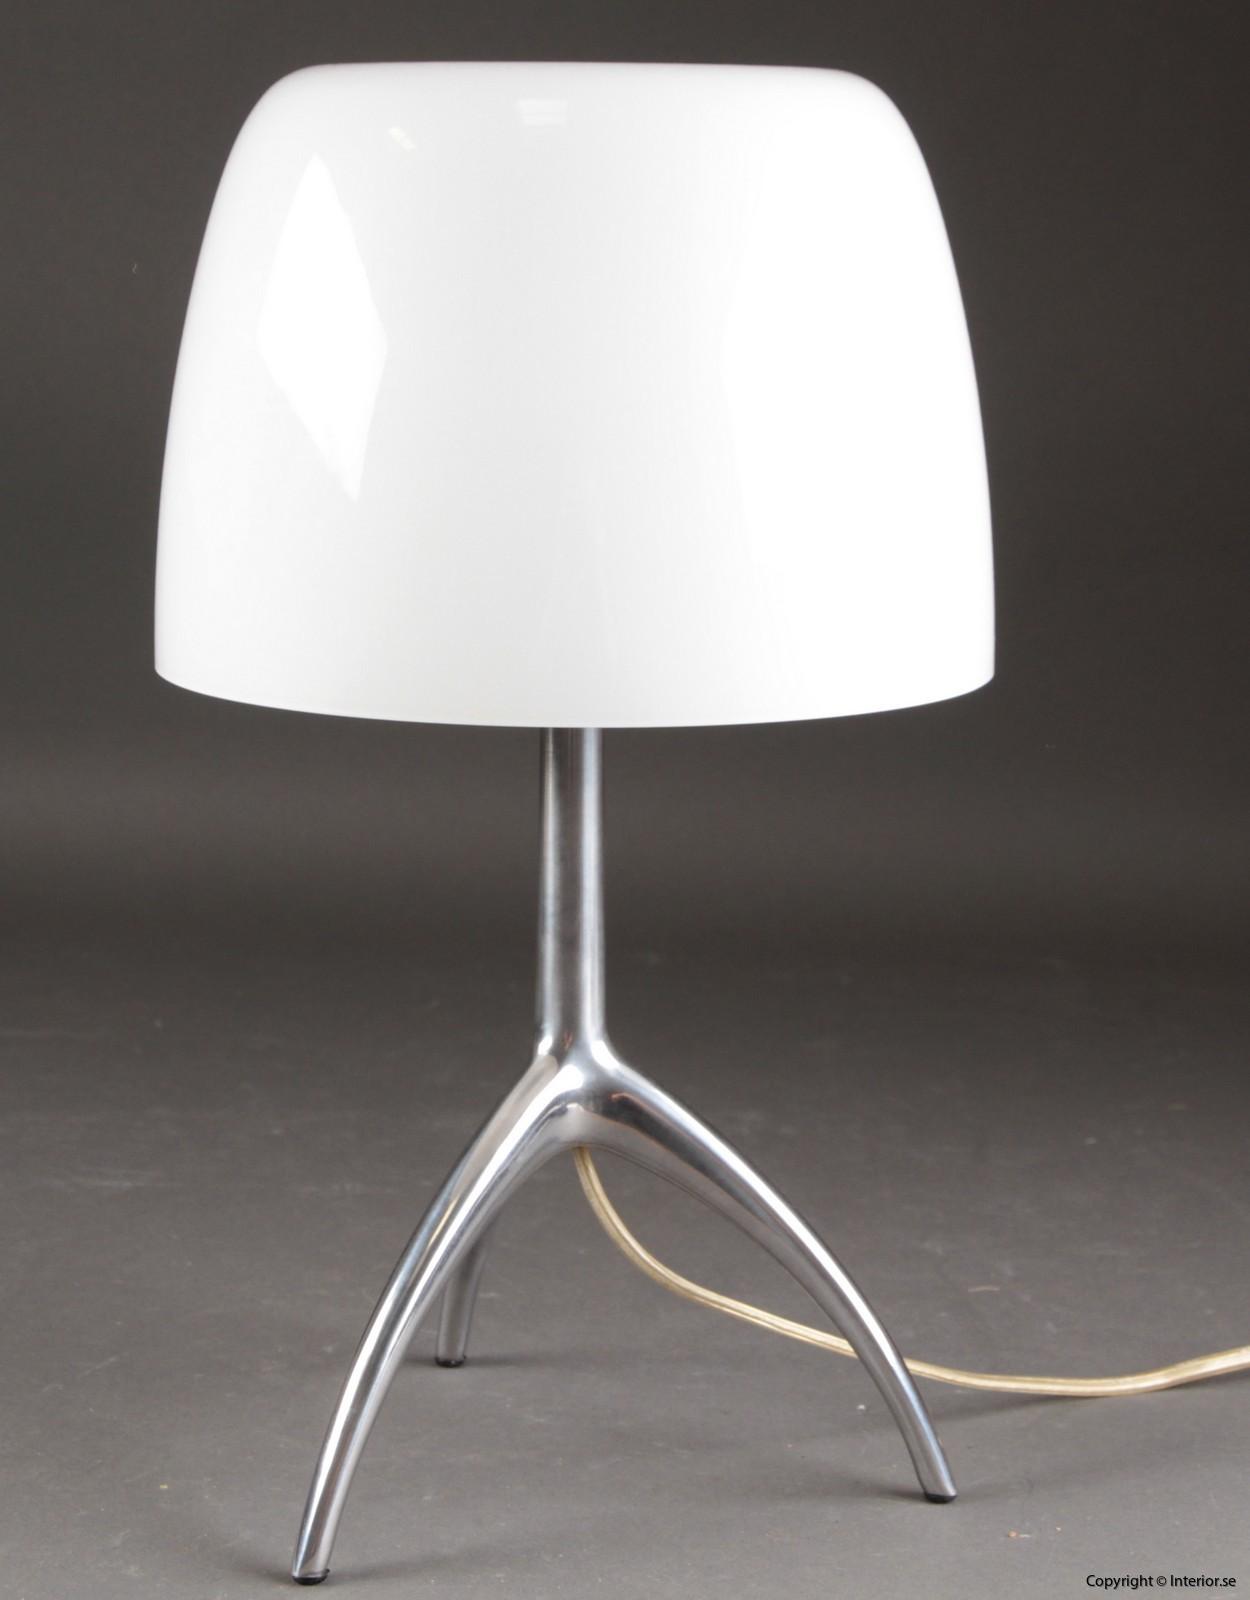 Bordslampa, Foscarini Lumiere 05 Piccola -  Rodolfo Dordoni